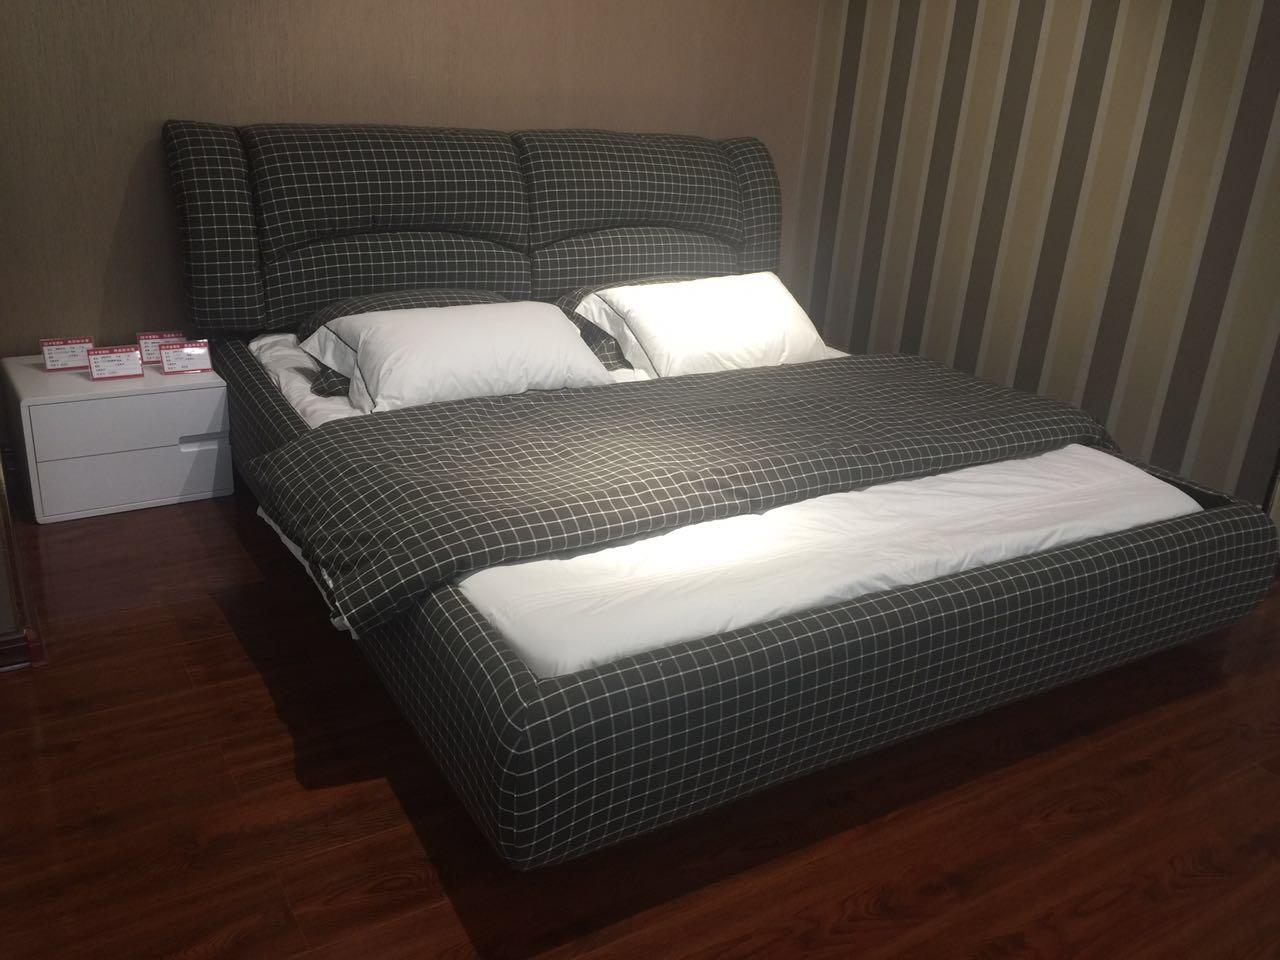 上海瀚斯家具软体床垫厂家直销,家具